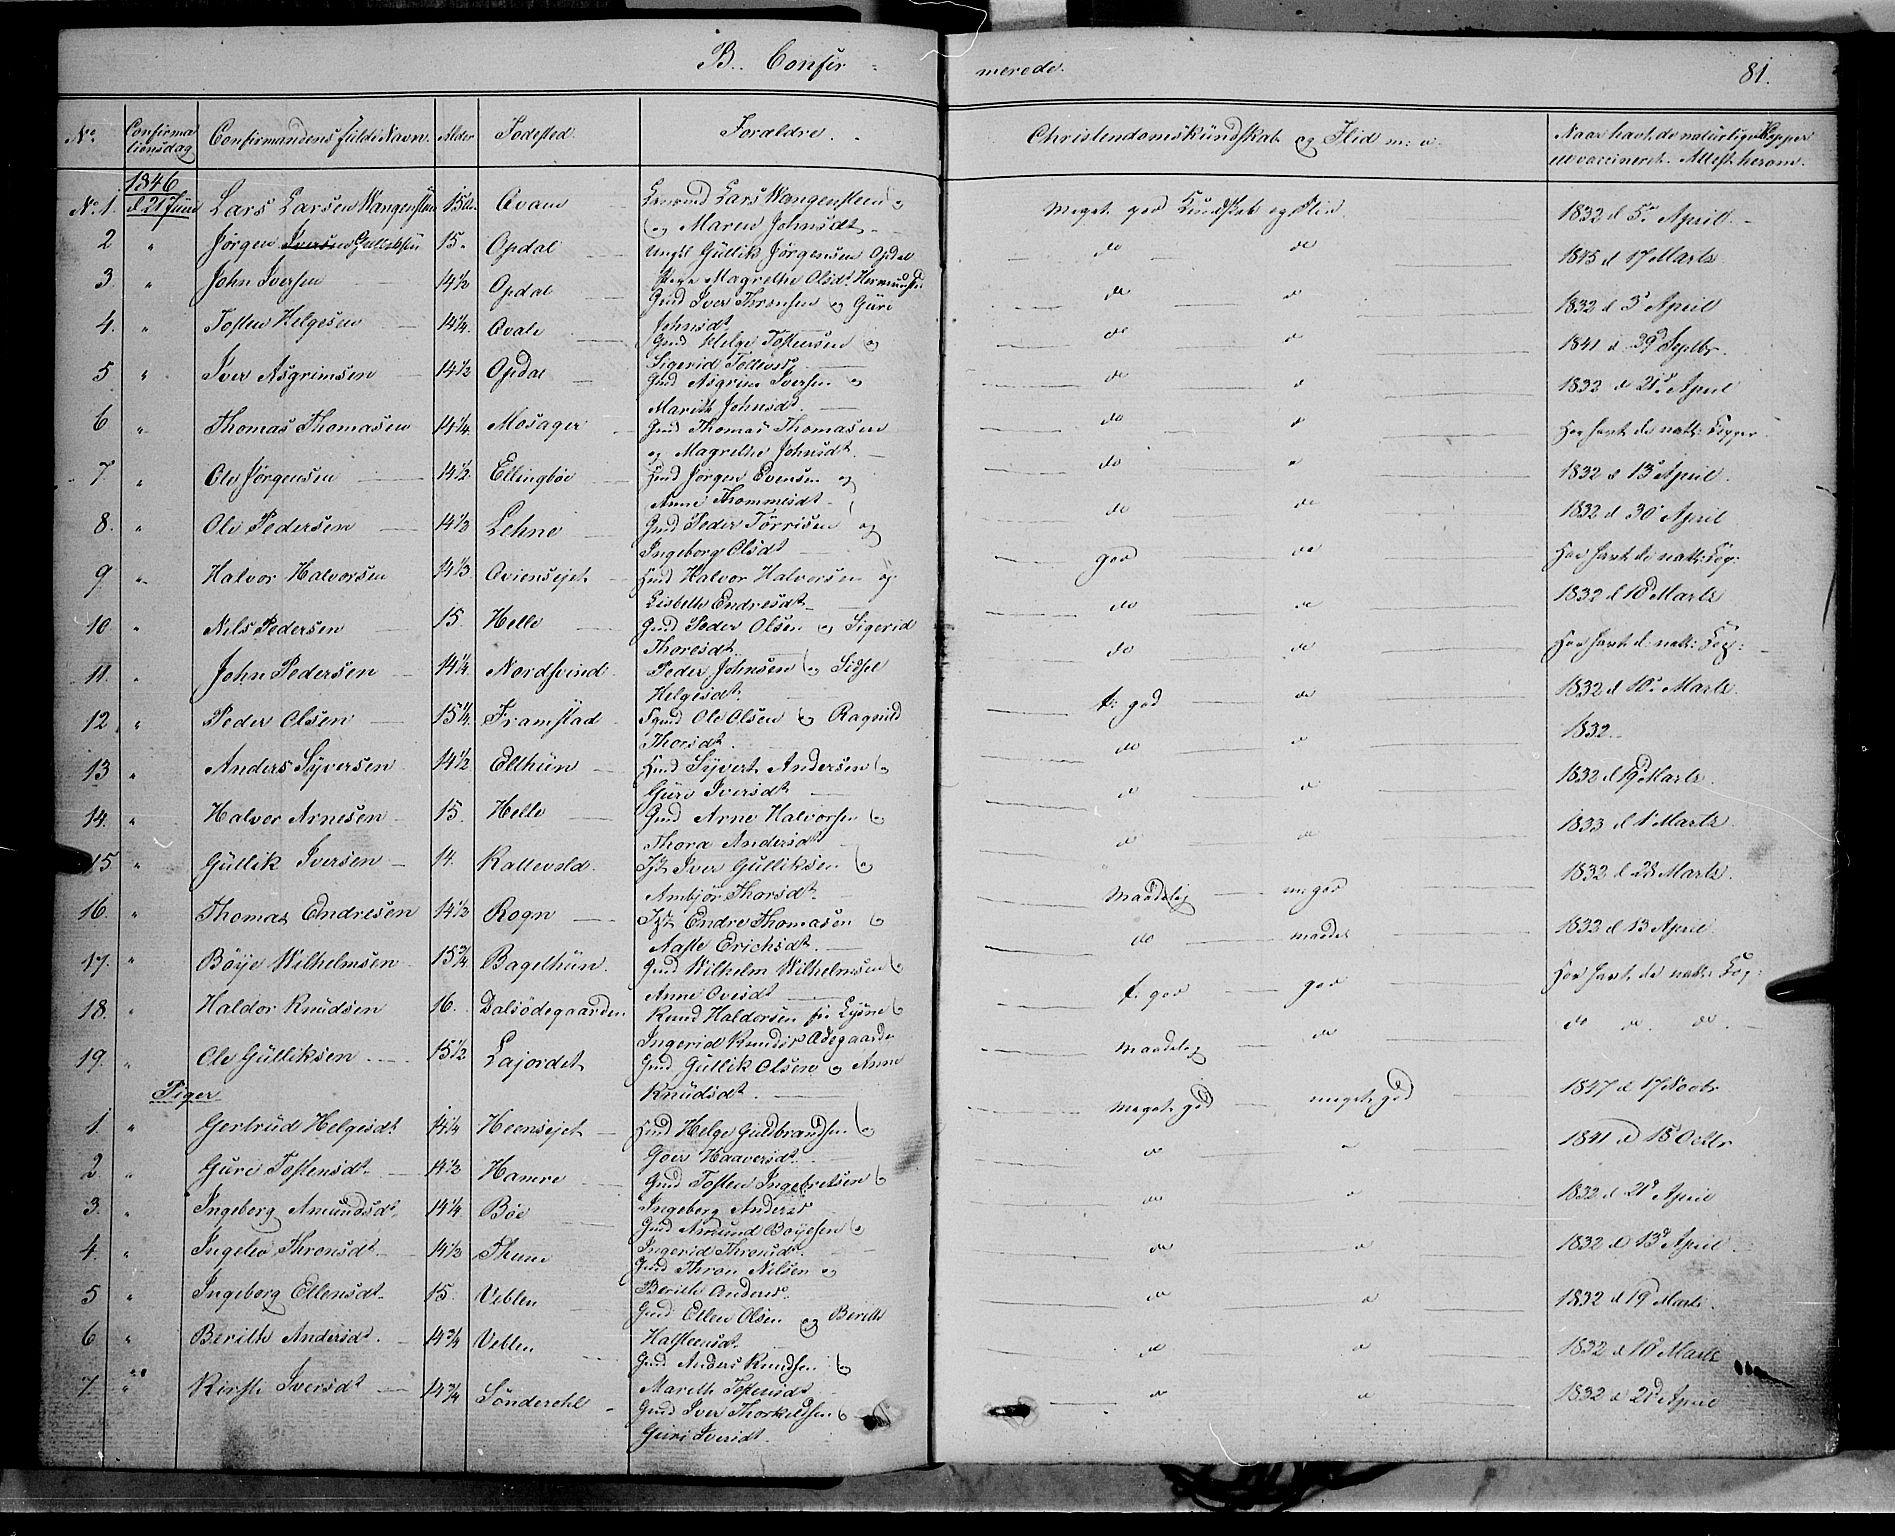 SAH, Vang prestekontor, Valdres, Ministerialbok nr. 6, 1846-1864, s. 81